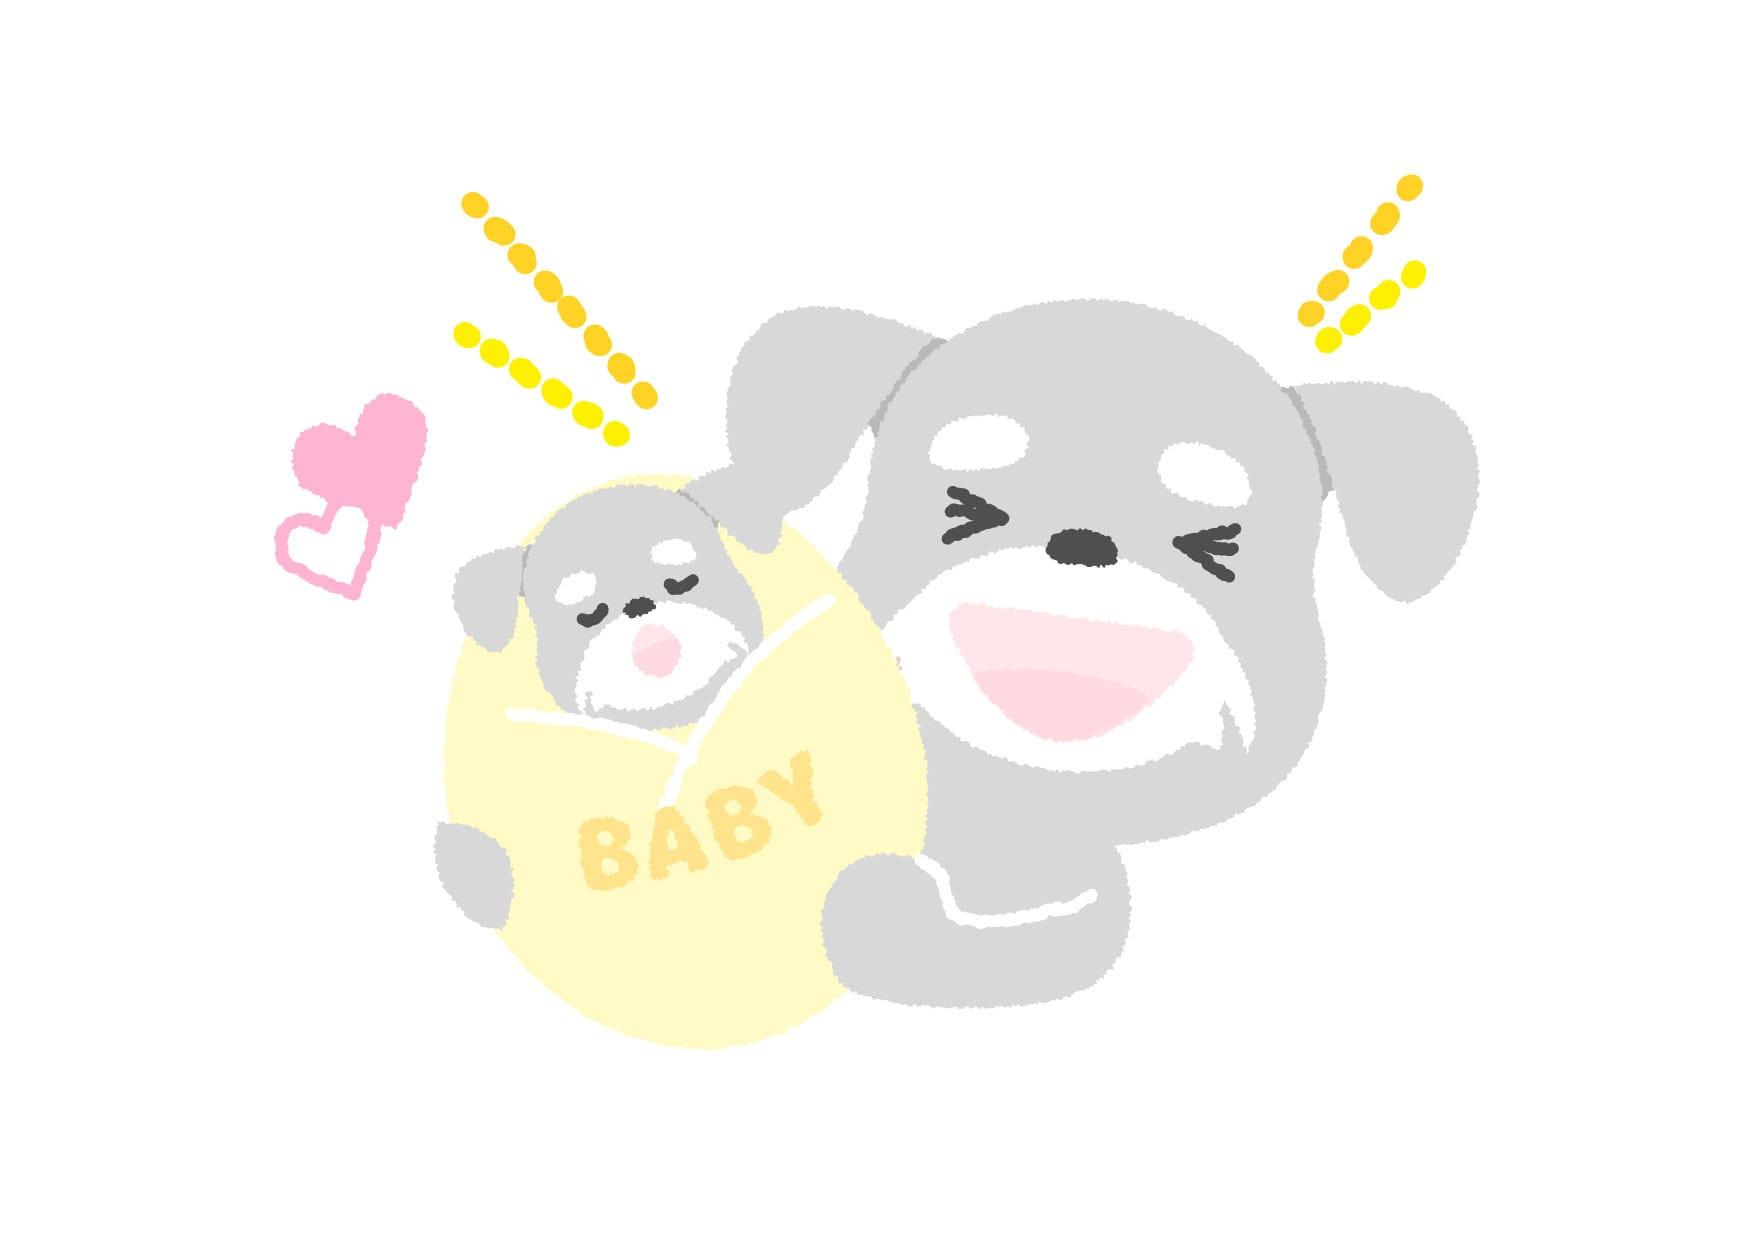 可愛いイラスト無料|犬 赤ちゃん − free illustration  Dog baby